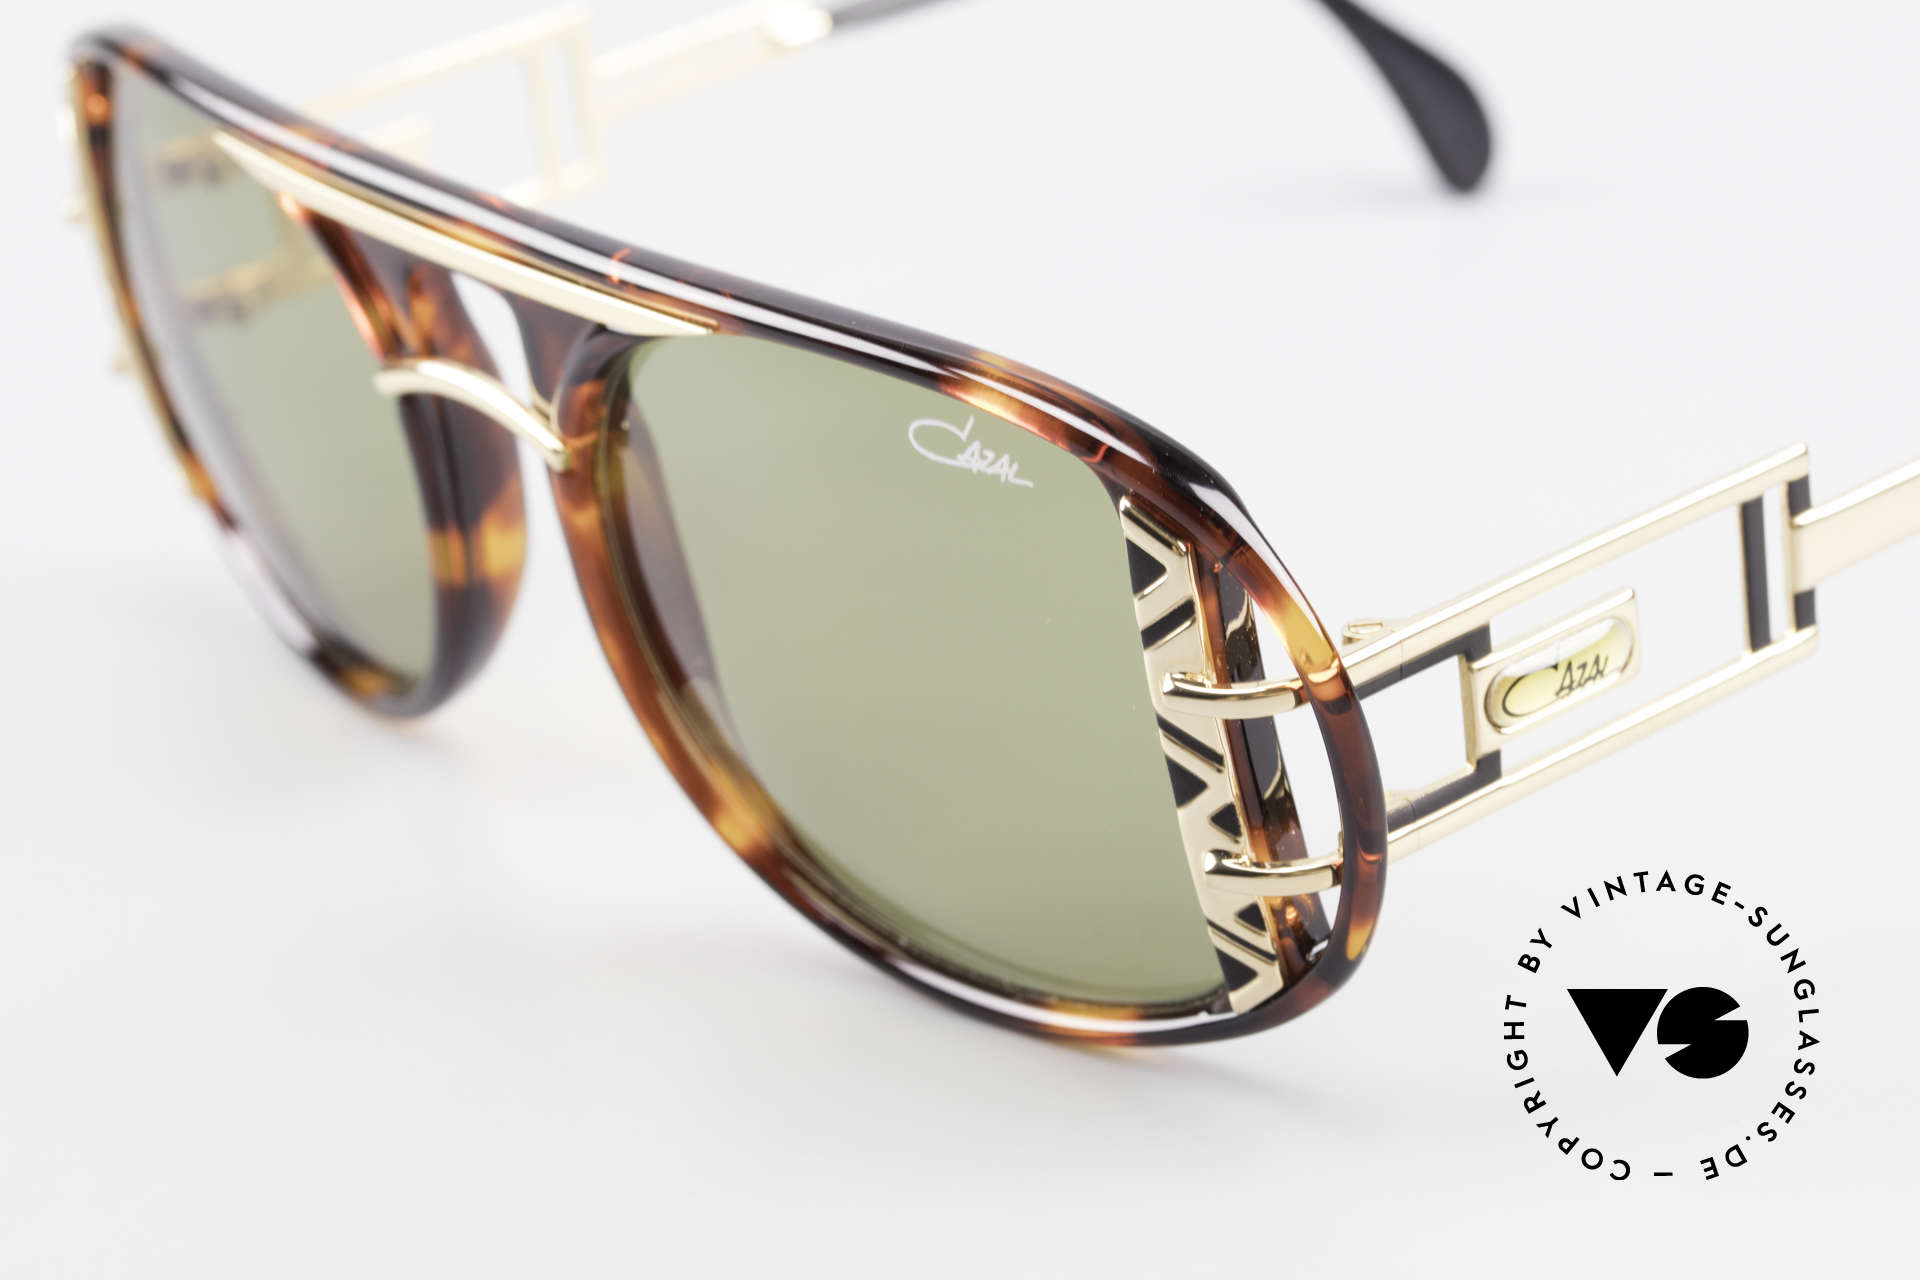 Cazal 875 90's Designer Sunglasses, unworn (like all our vintage designer sunglasses), Made for Men and Women